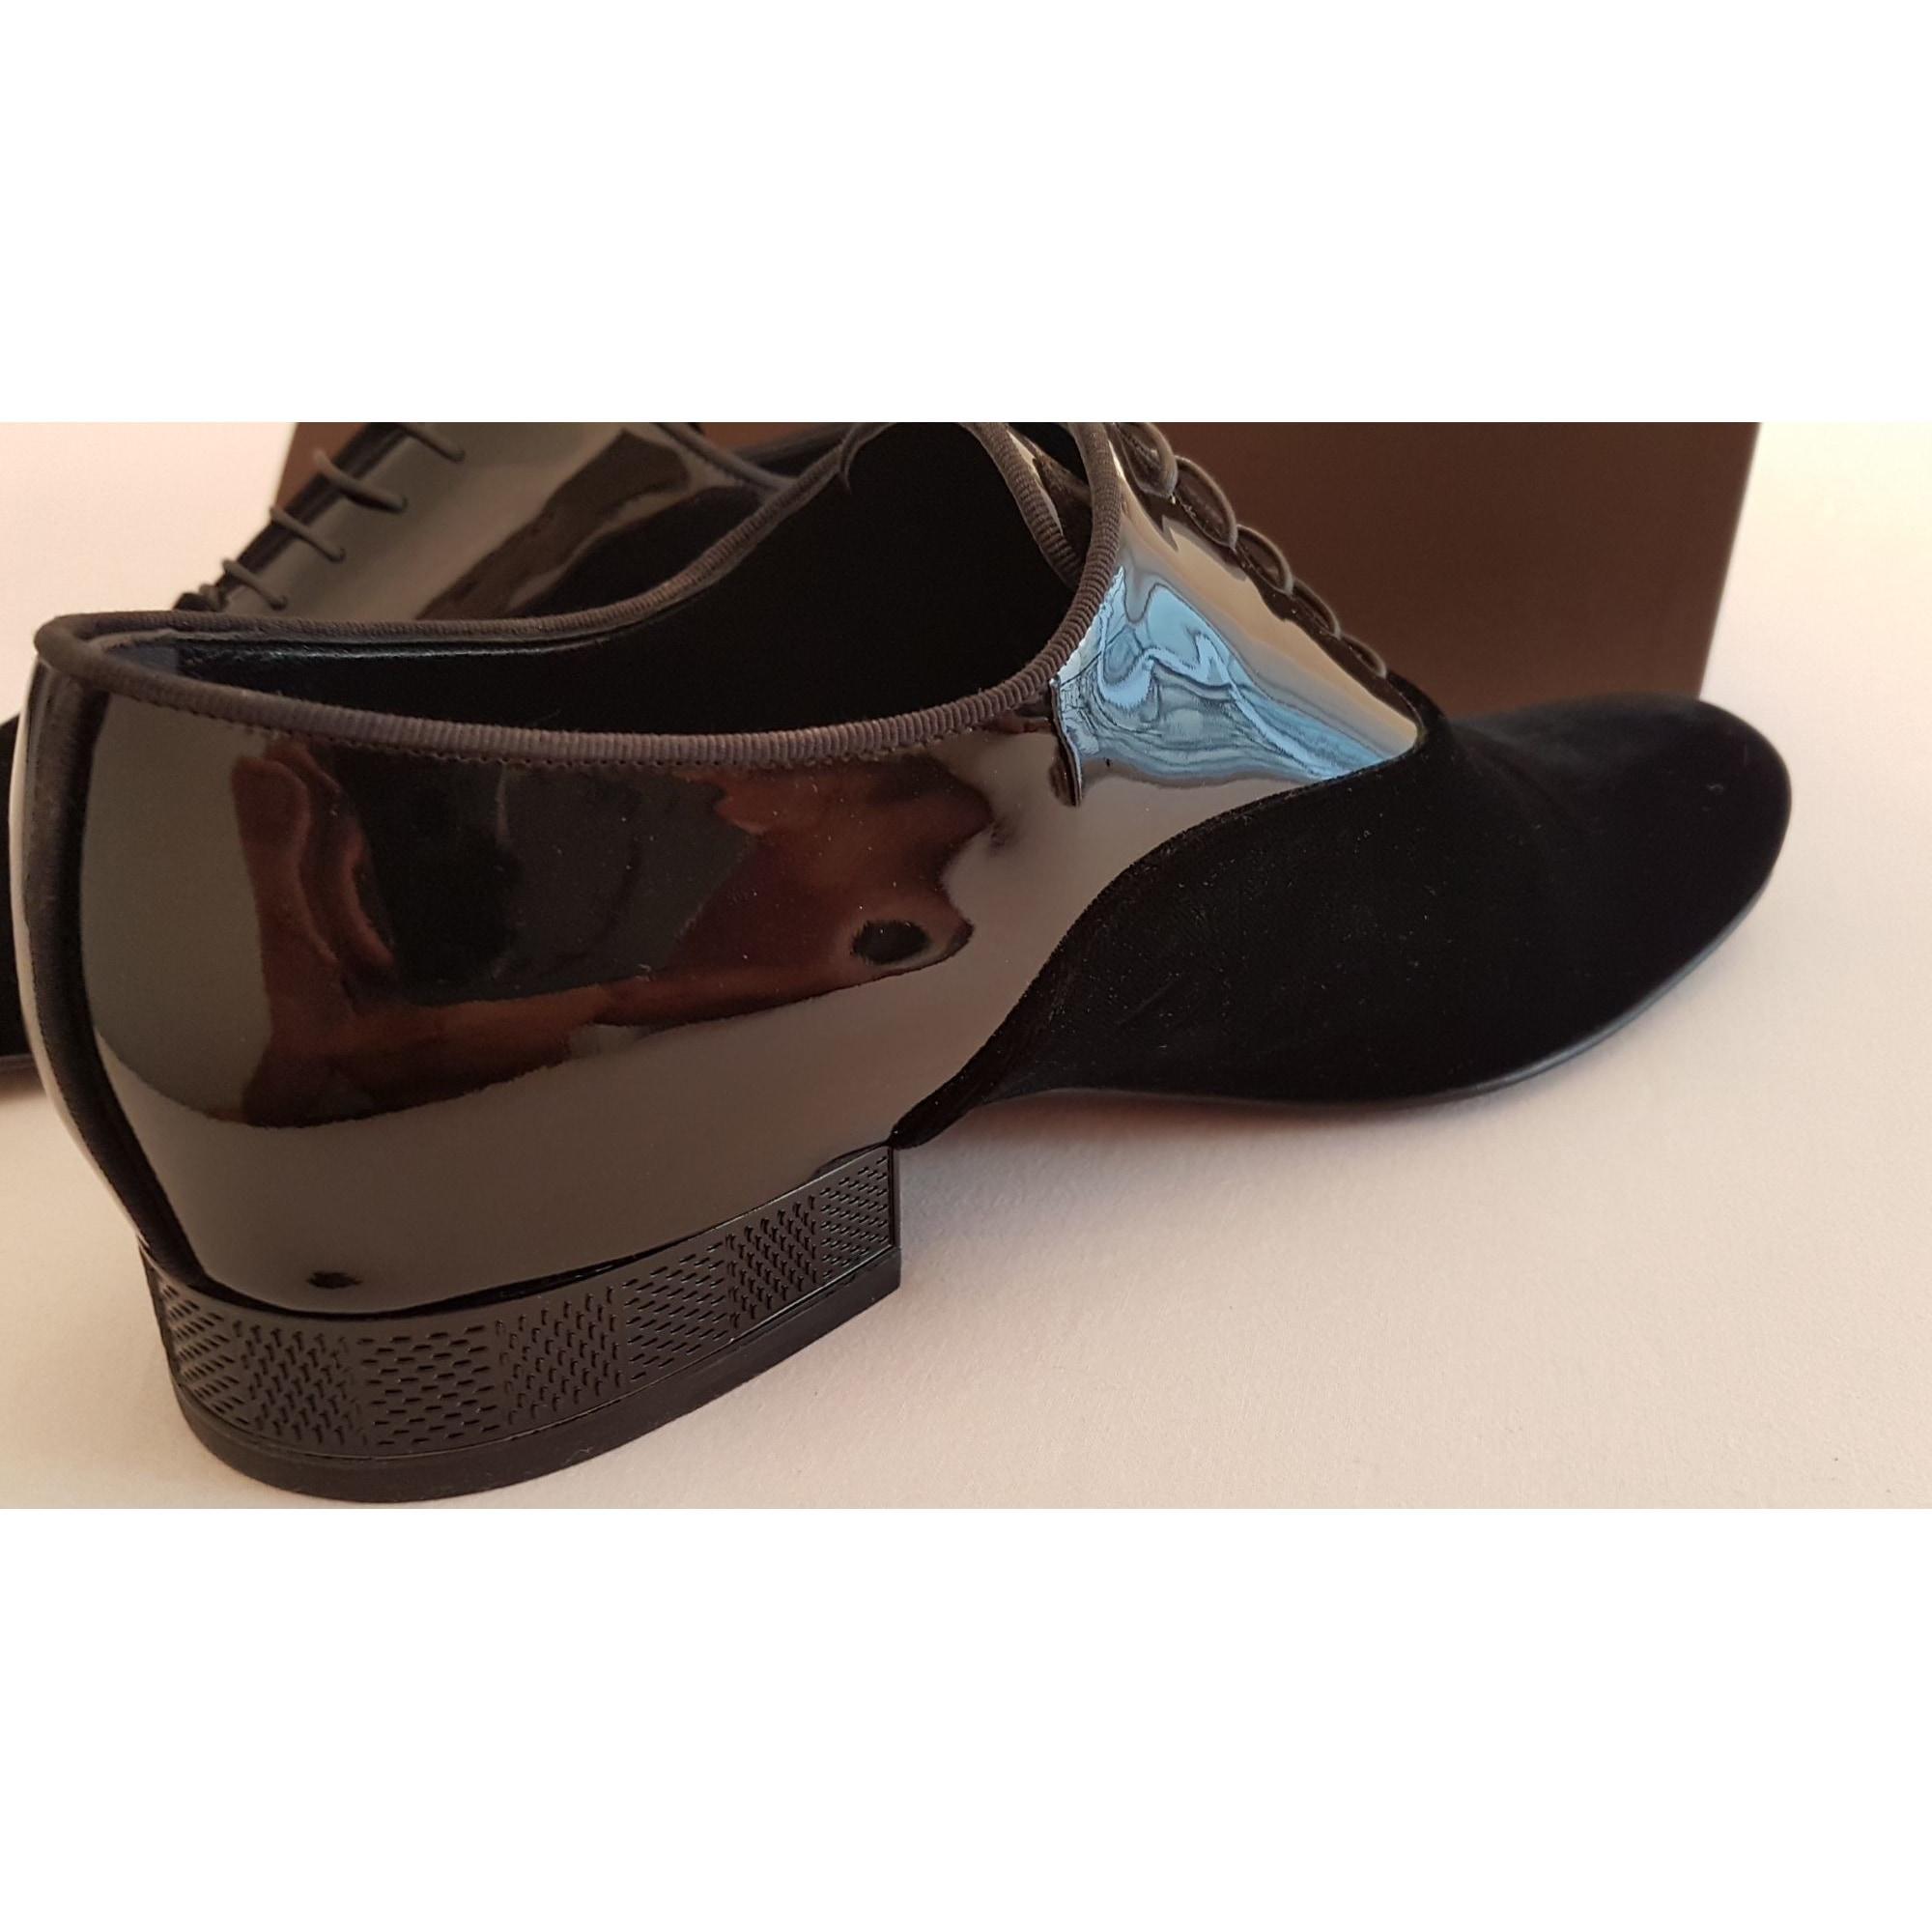 Noir Cuir Verni À Homme Lacets Chaussures y8PvwONn0m